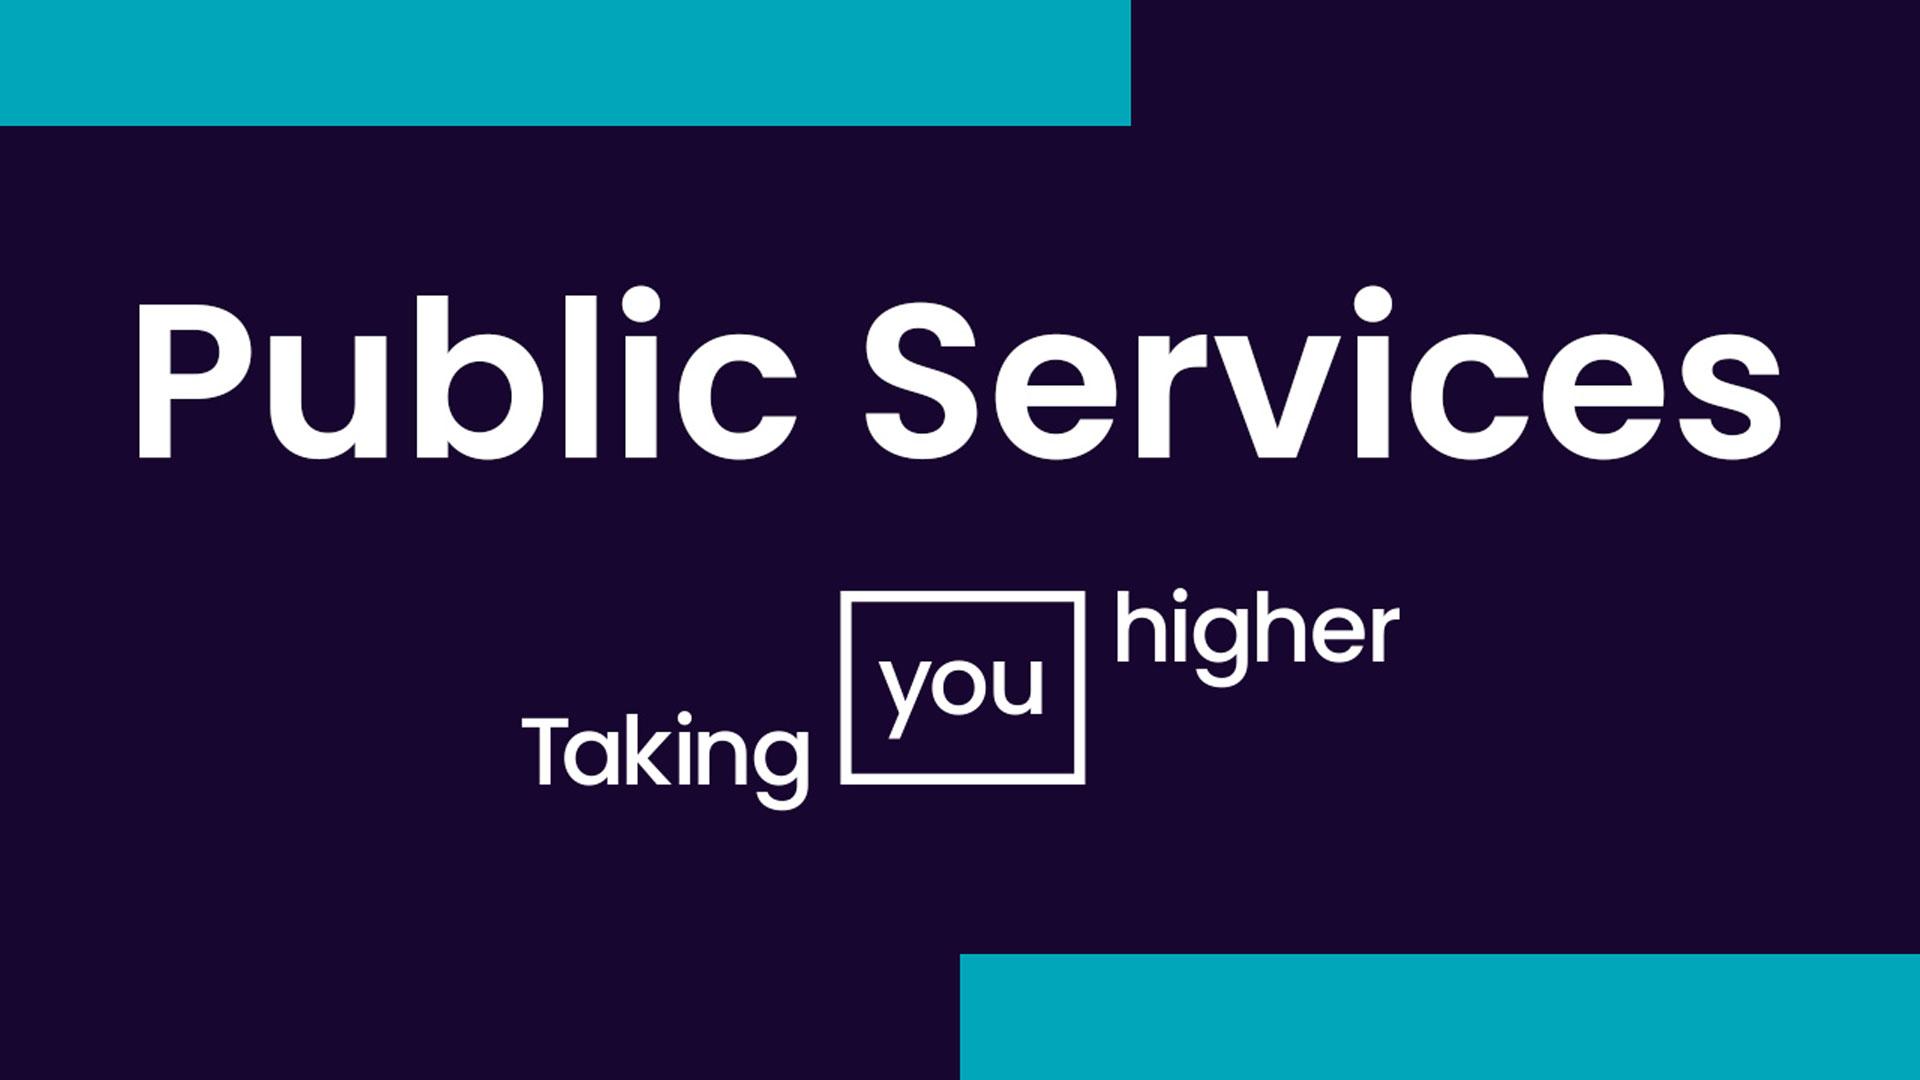 Middlesbrough College Public Services Courses